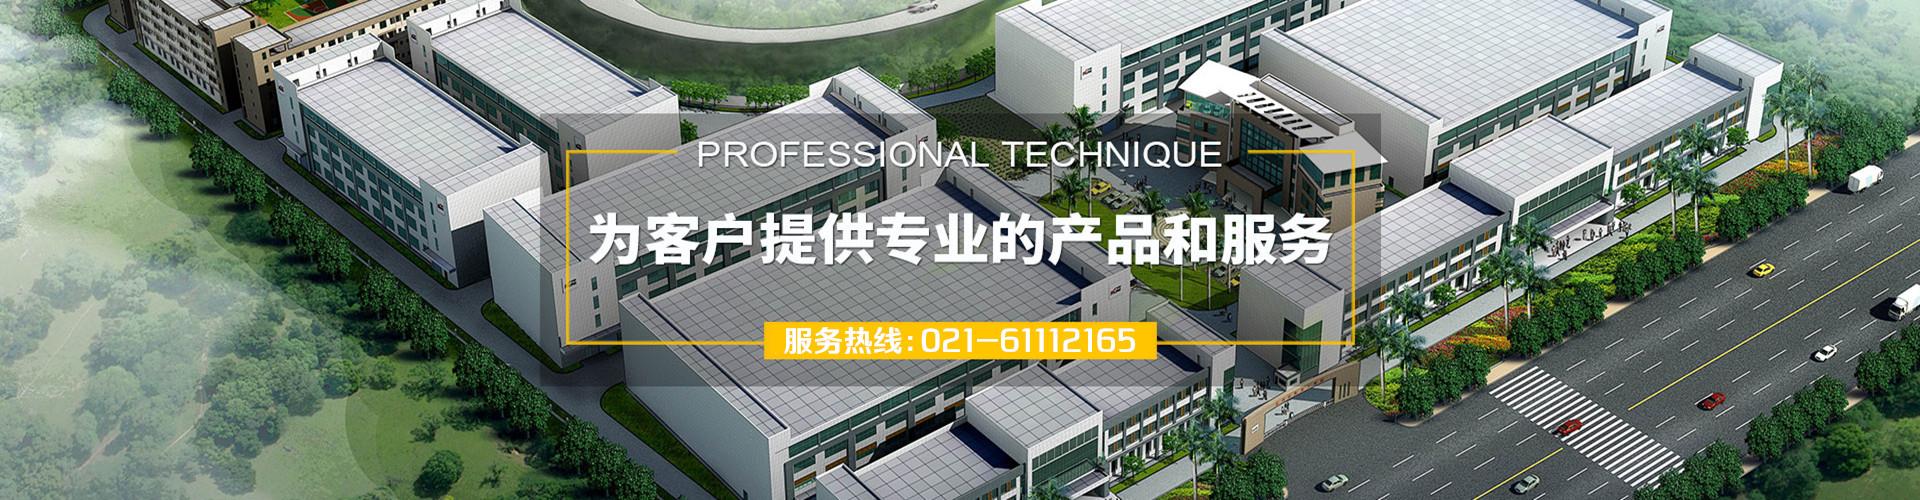 为客户提供专业的产品和服务